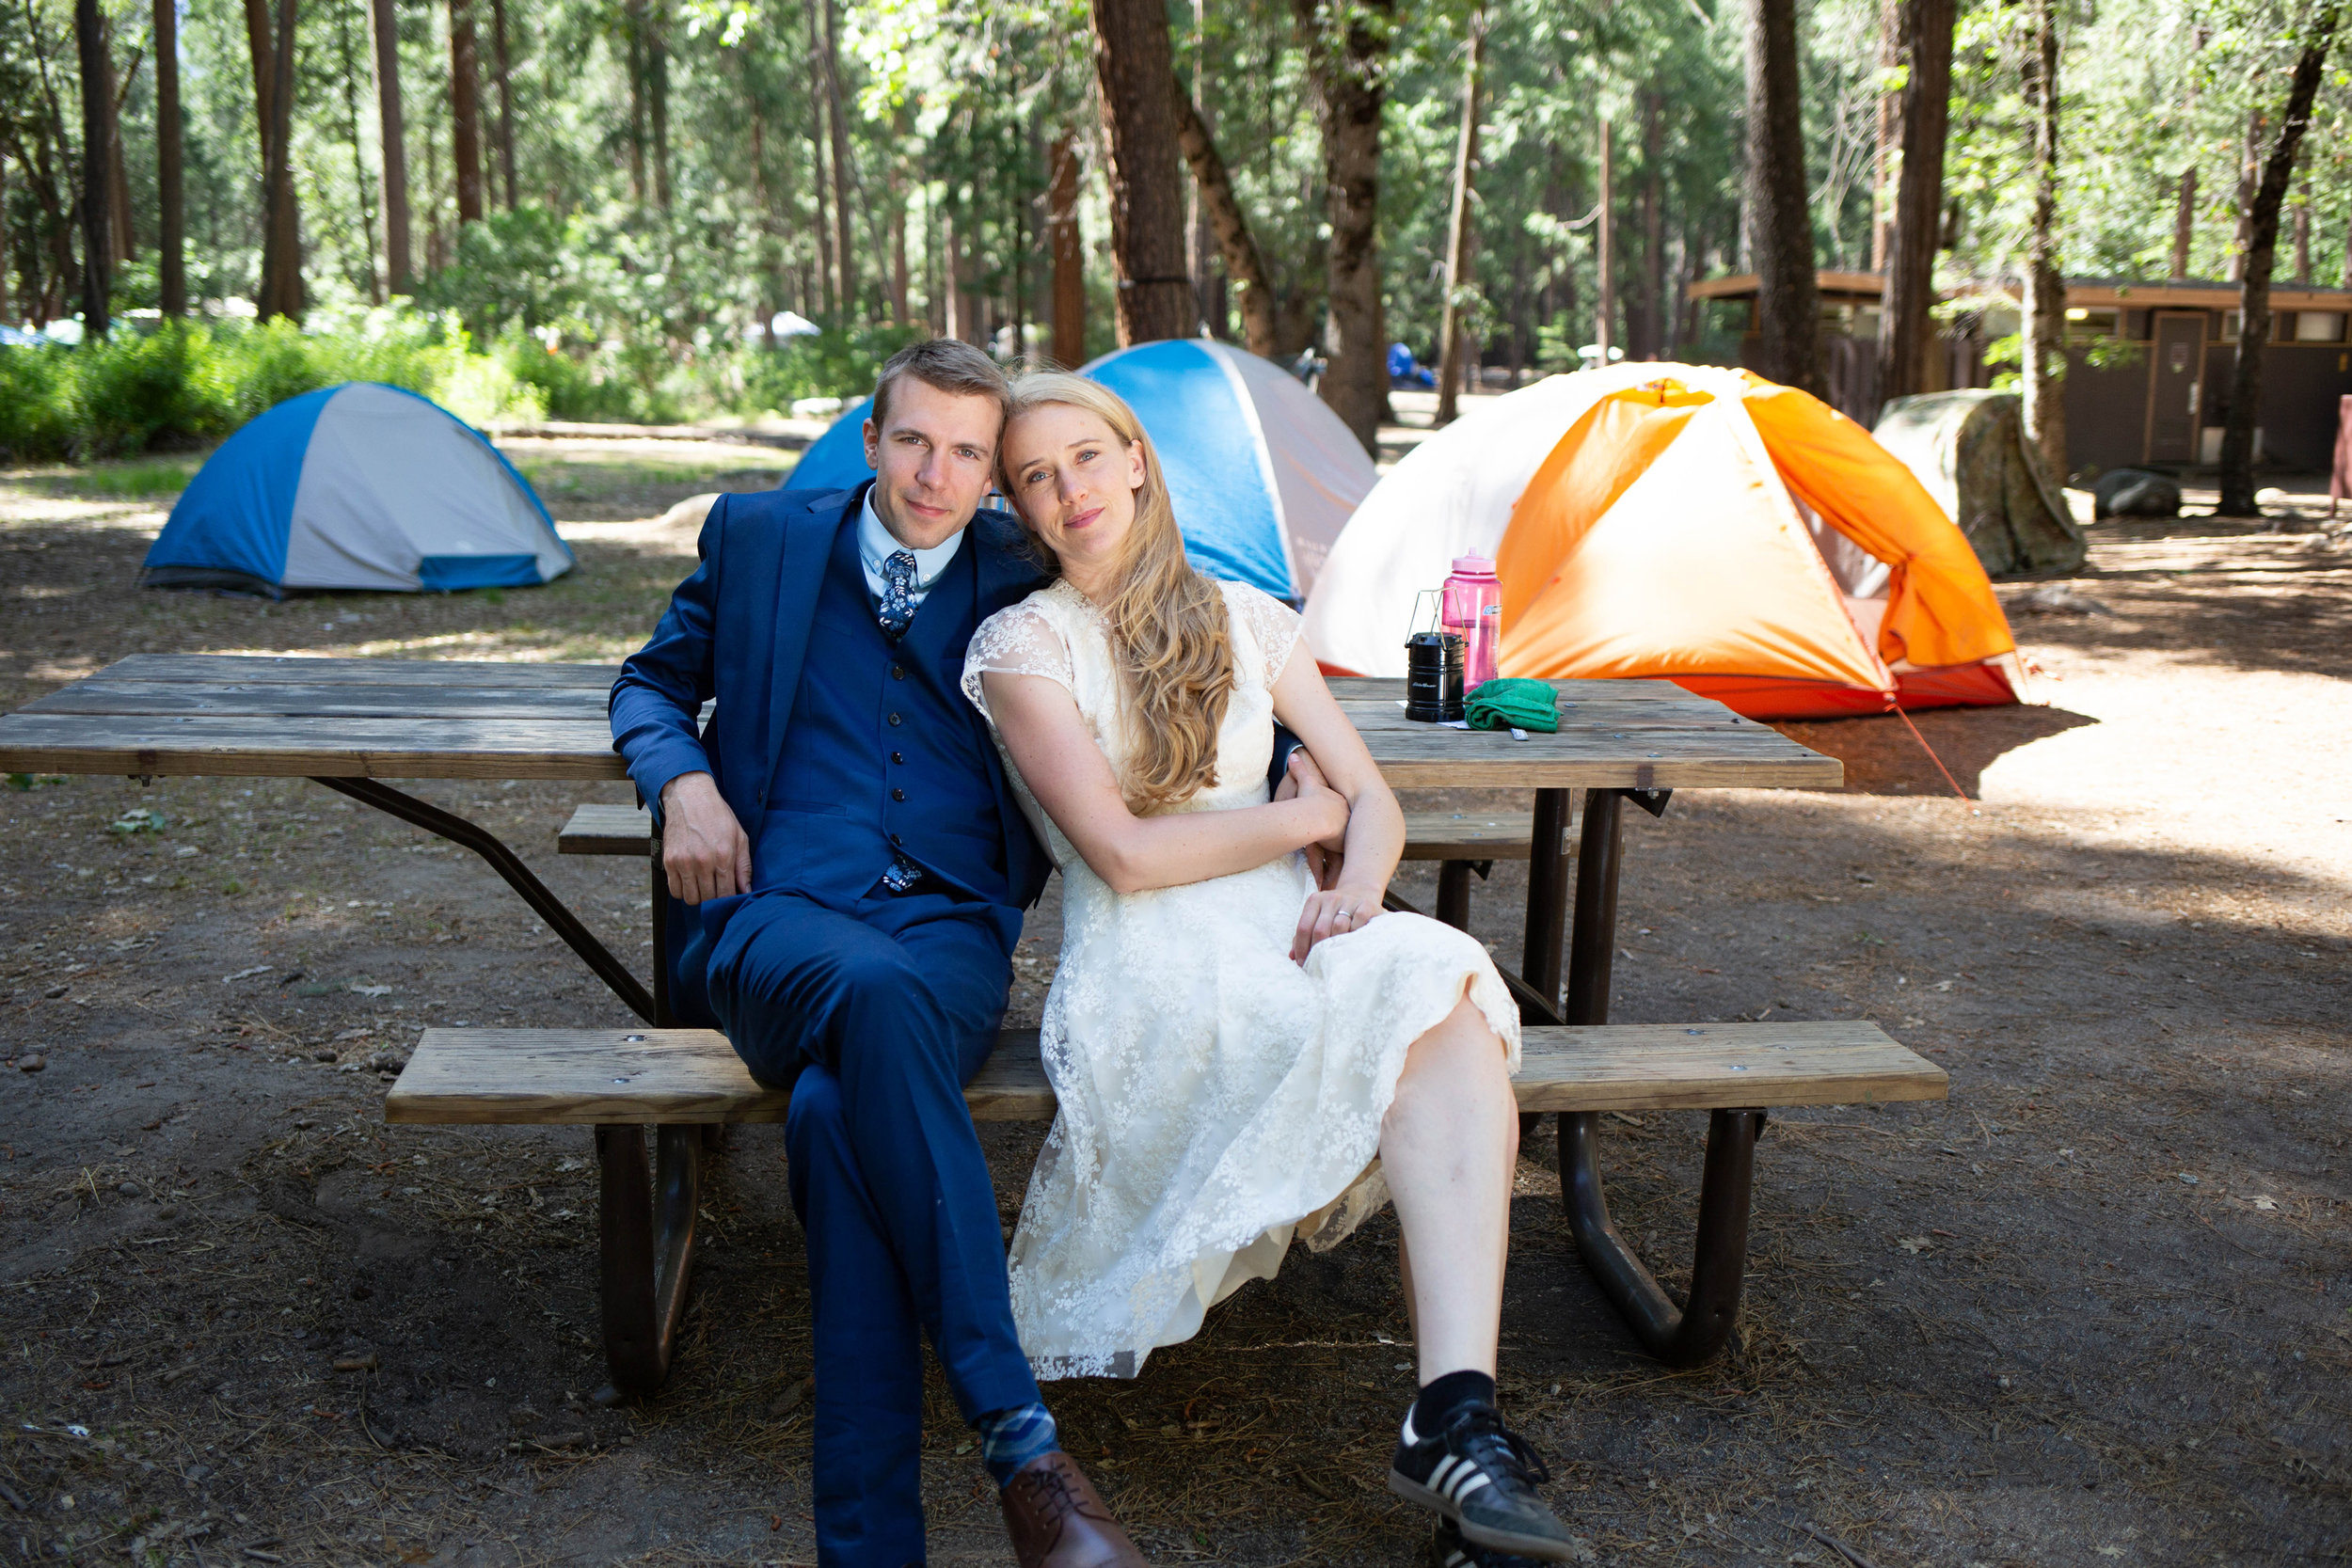 yosemite-adventure-wedding-alisonscott (1).jpg